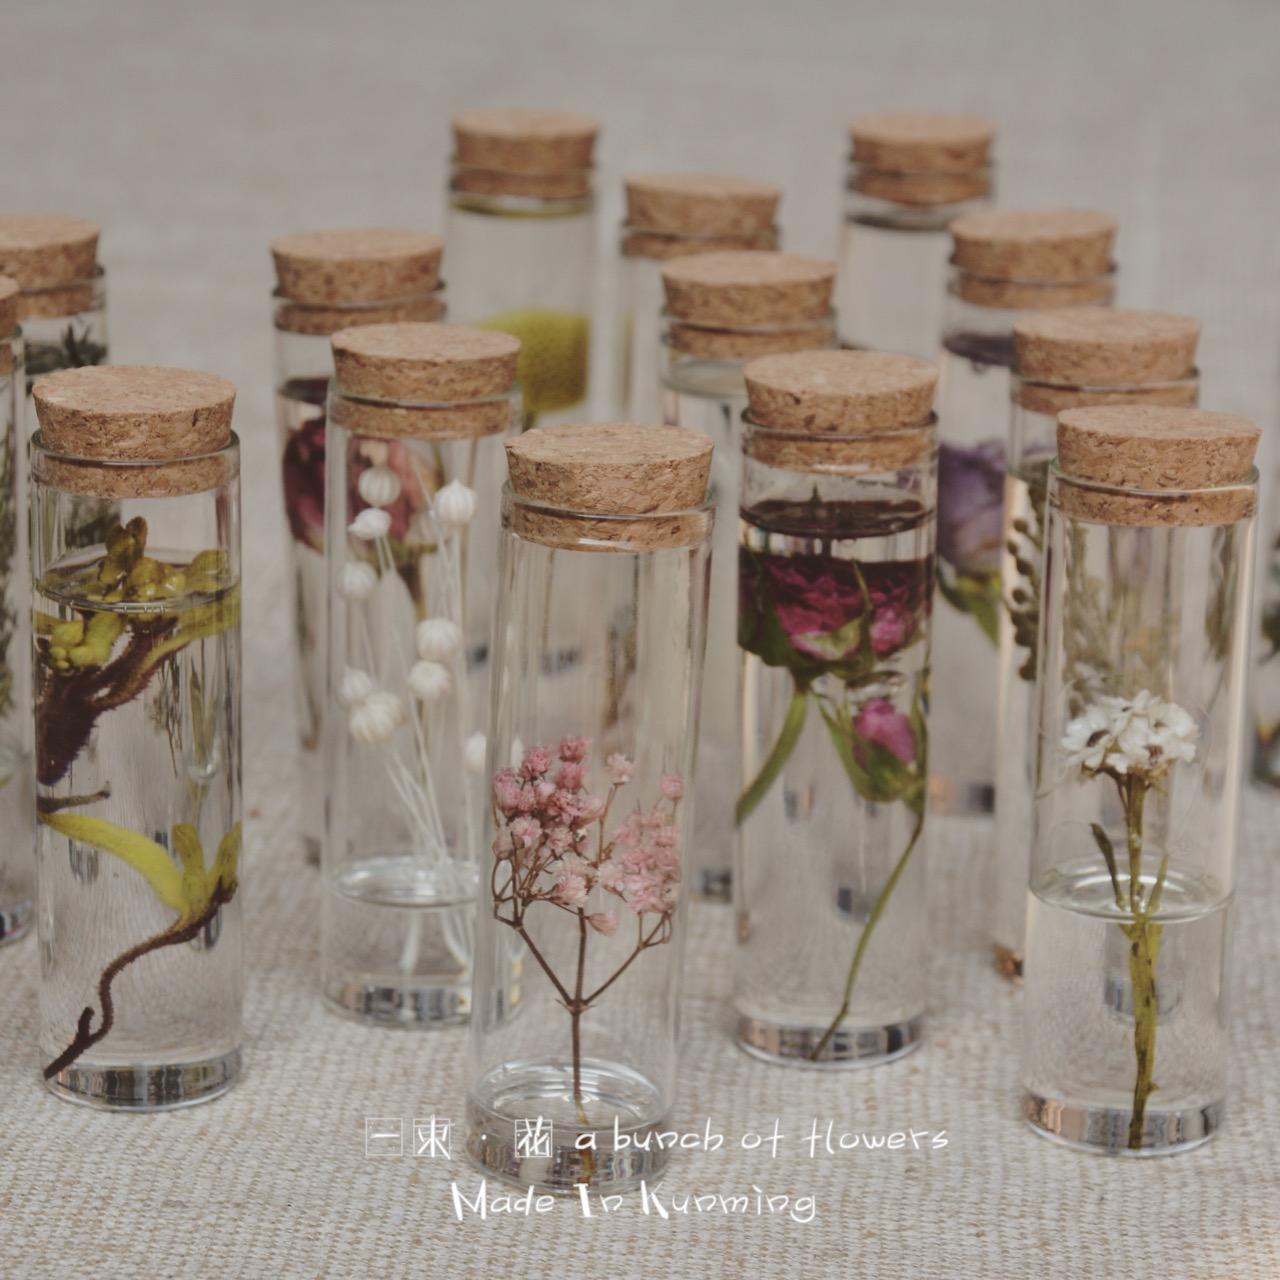 Красивый небольшой свежий муза стеклянные бутылки завод знак это сухие цветы вечная жизнь цветок действительно цветок завод свертываться твердый собирать любовь хорошо